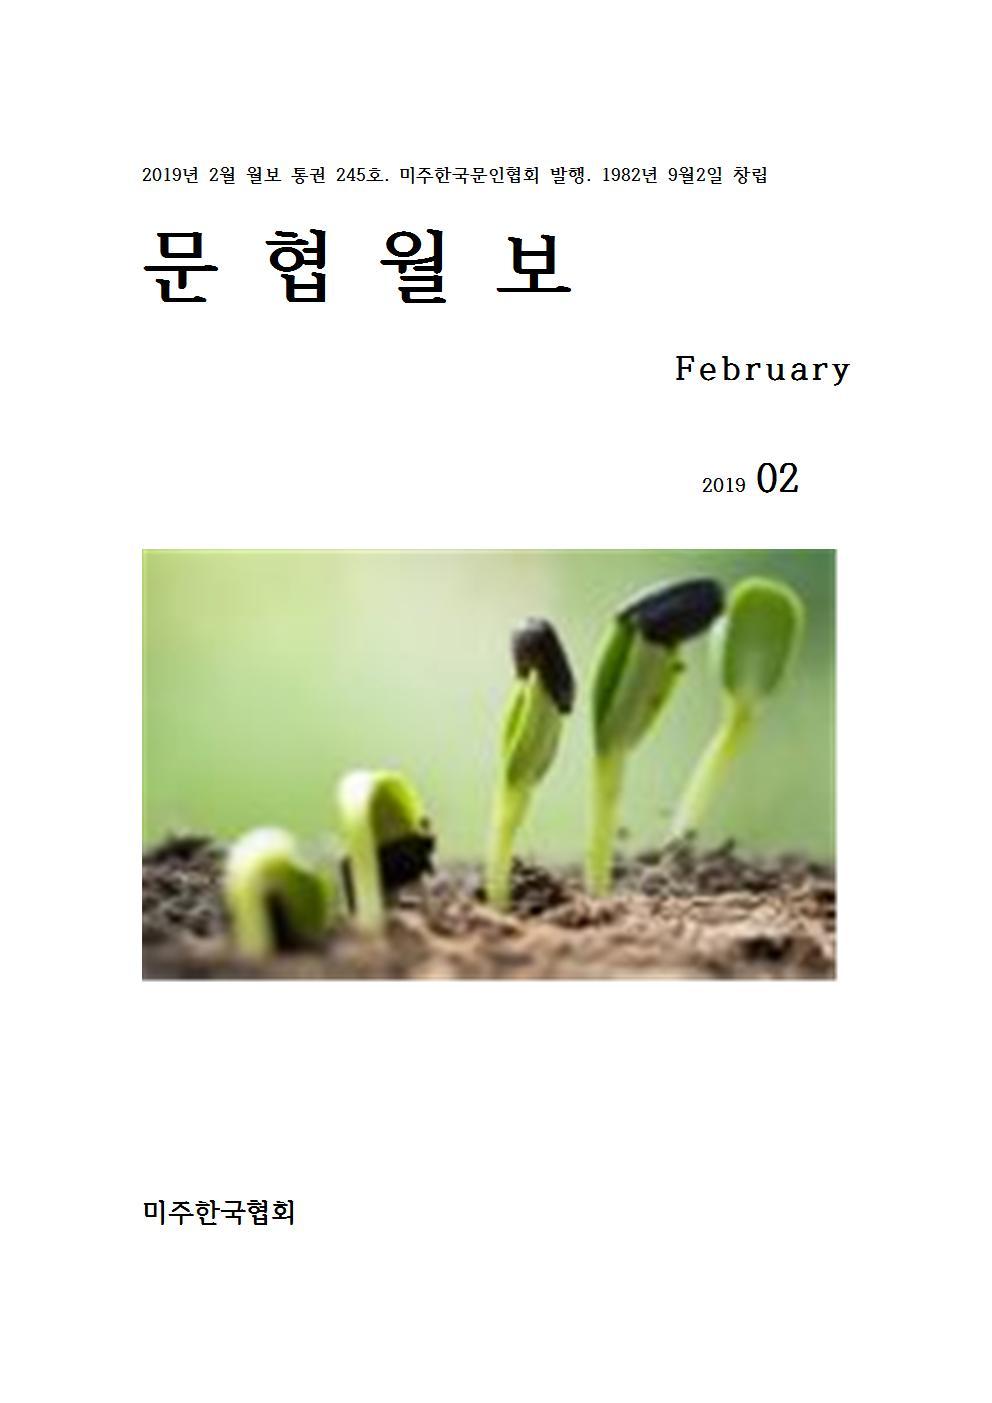 2019년 2월 월보 통권 245호001.jpg